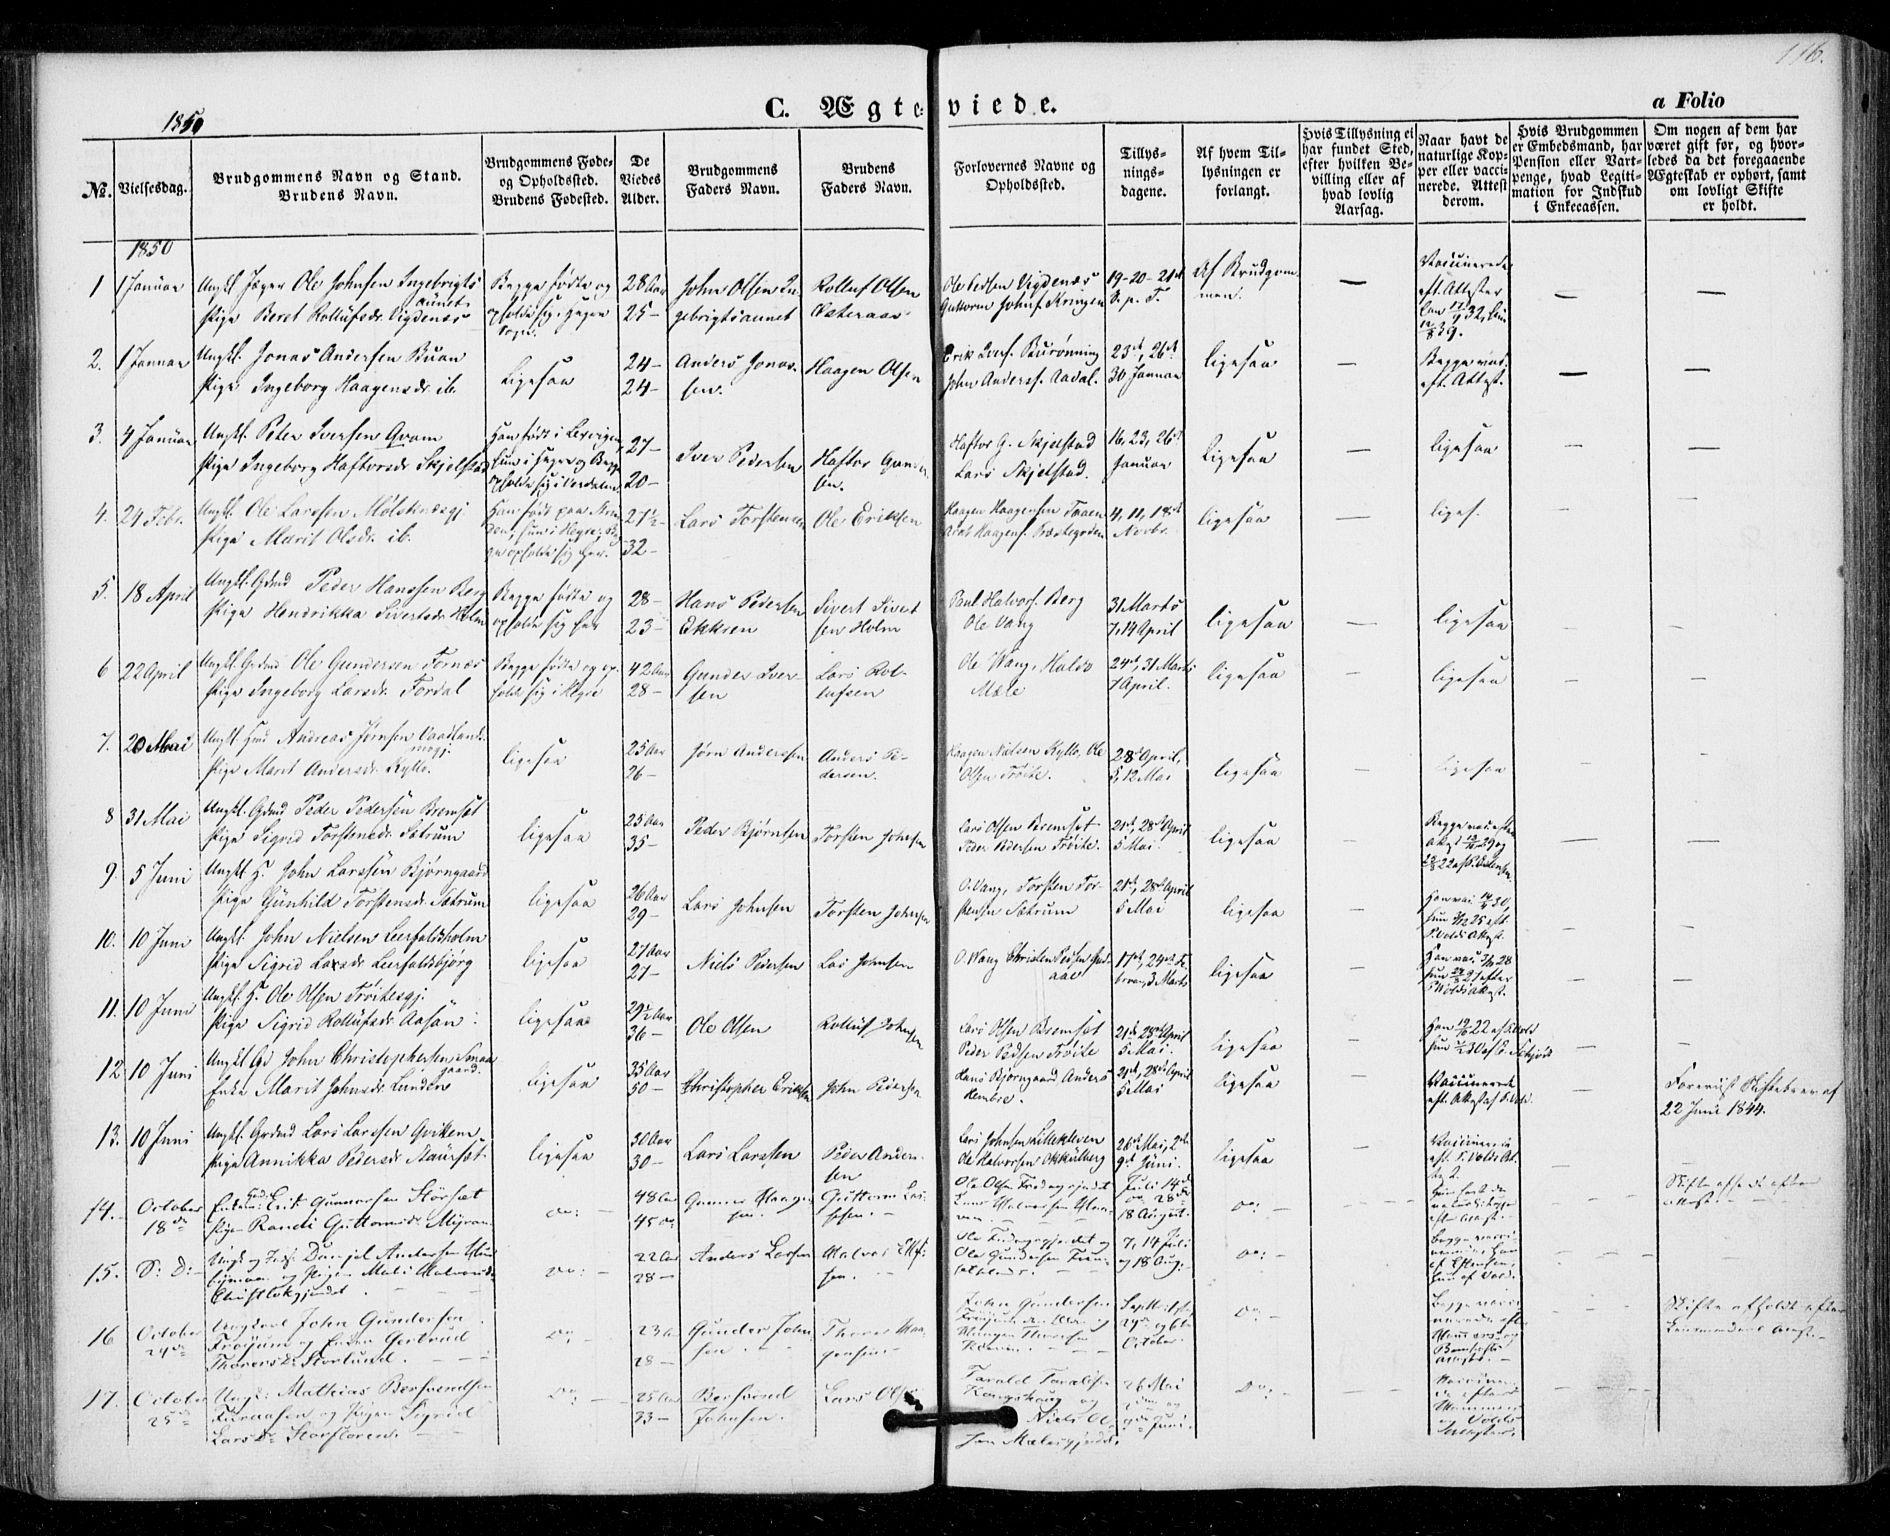 SAT, Ministerialprotokoller, klokkerbøker og fødselsregistre - Nord-Trøndelag, 703/L0028: Ministerialbok nr. 703A01, 1850-1862, s. 116